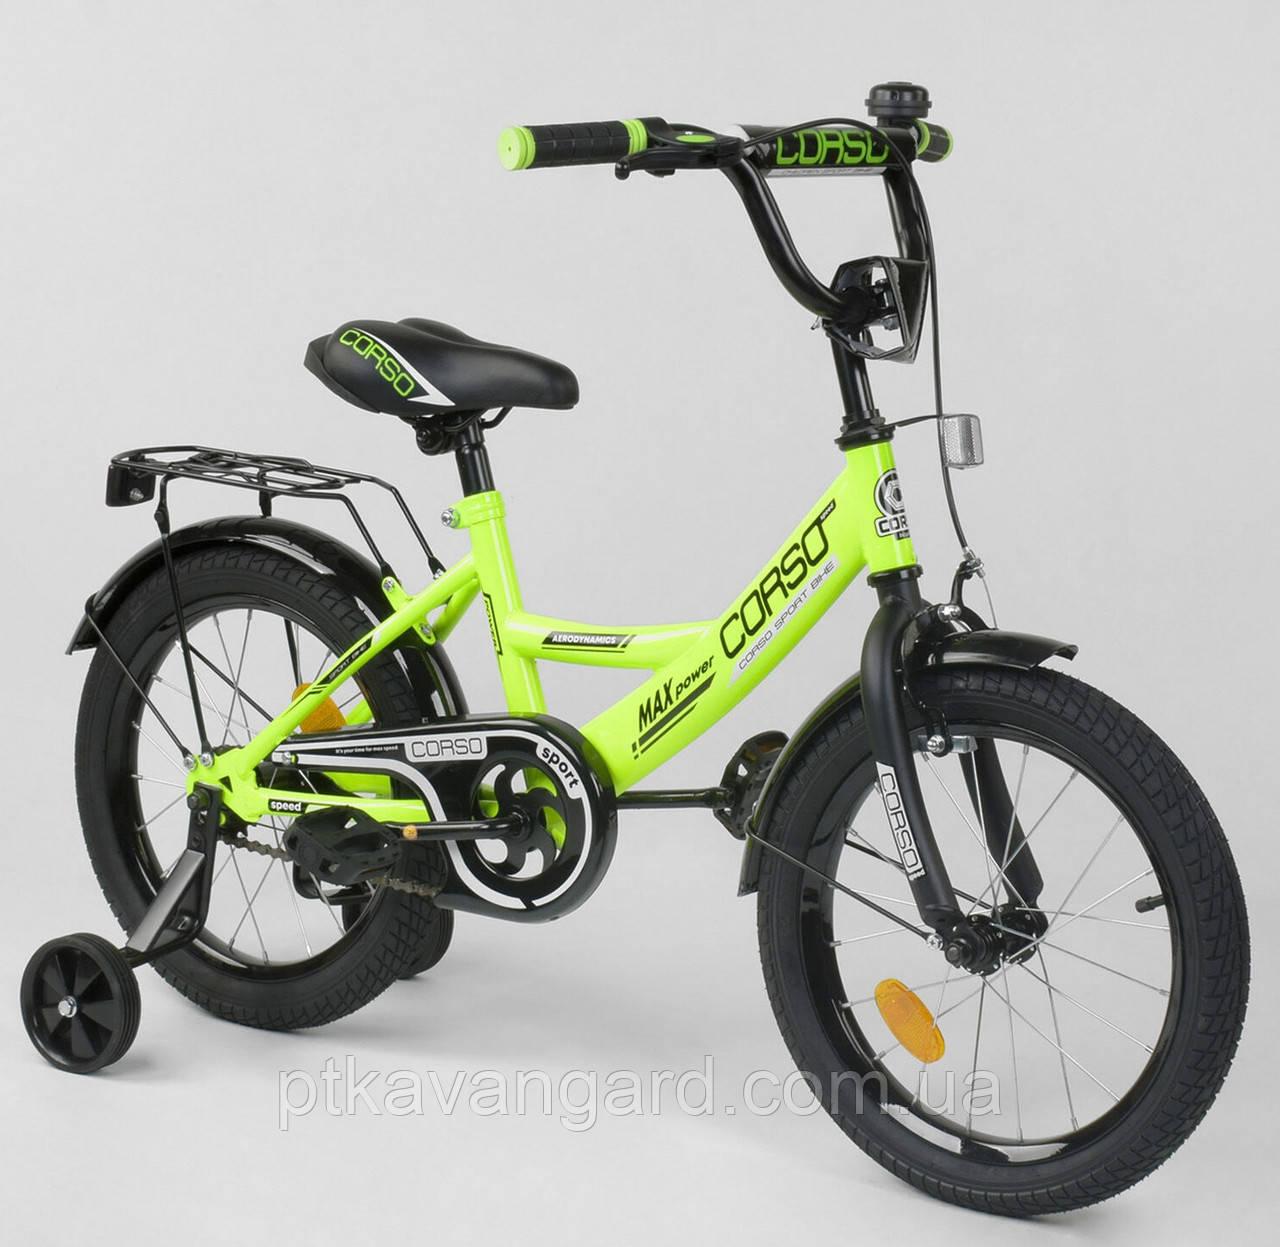 """Велосипед 16"""" дюймов 2-х колёсный CORSO САЛАТОВЫЙ, ручной тормоз, доп. колеса, собранный на 75% CL-16 P 4499"""